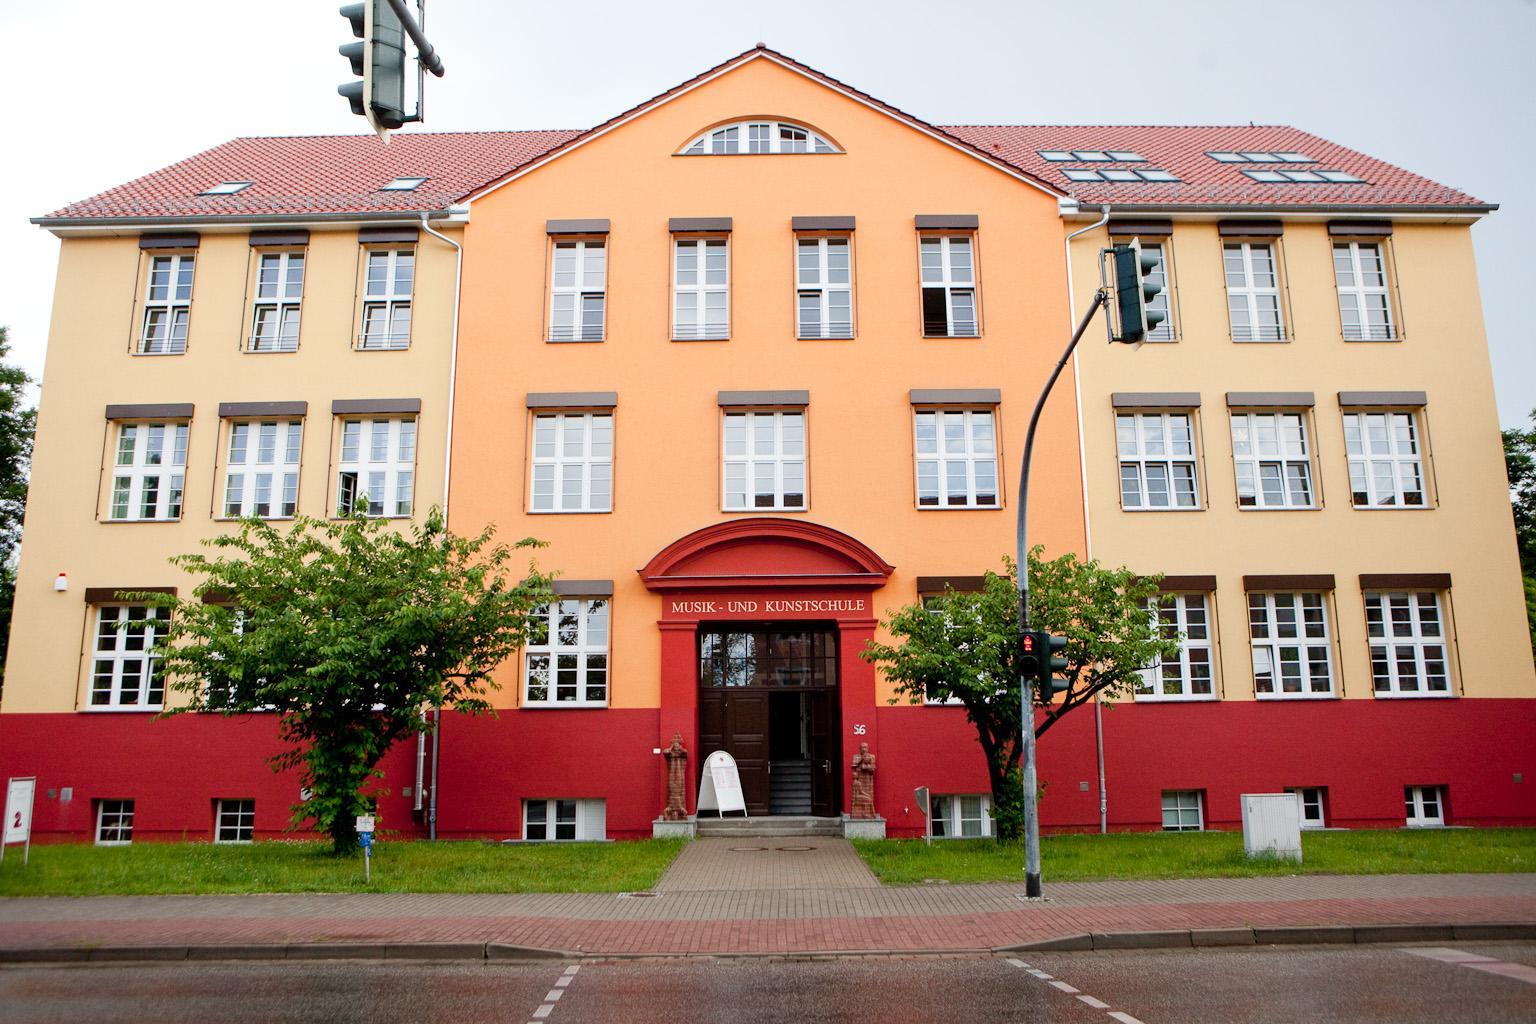 Gebäude der Musik- und Kunstschule der Stadt Schwedt/Oder